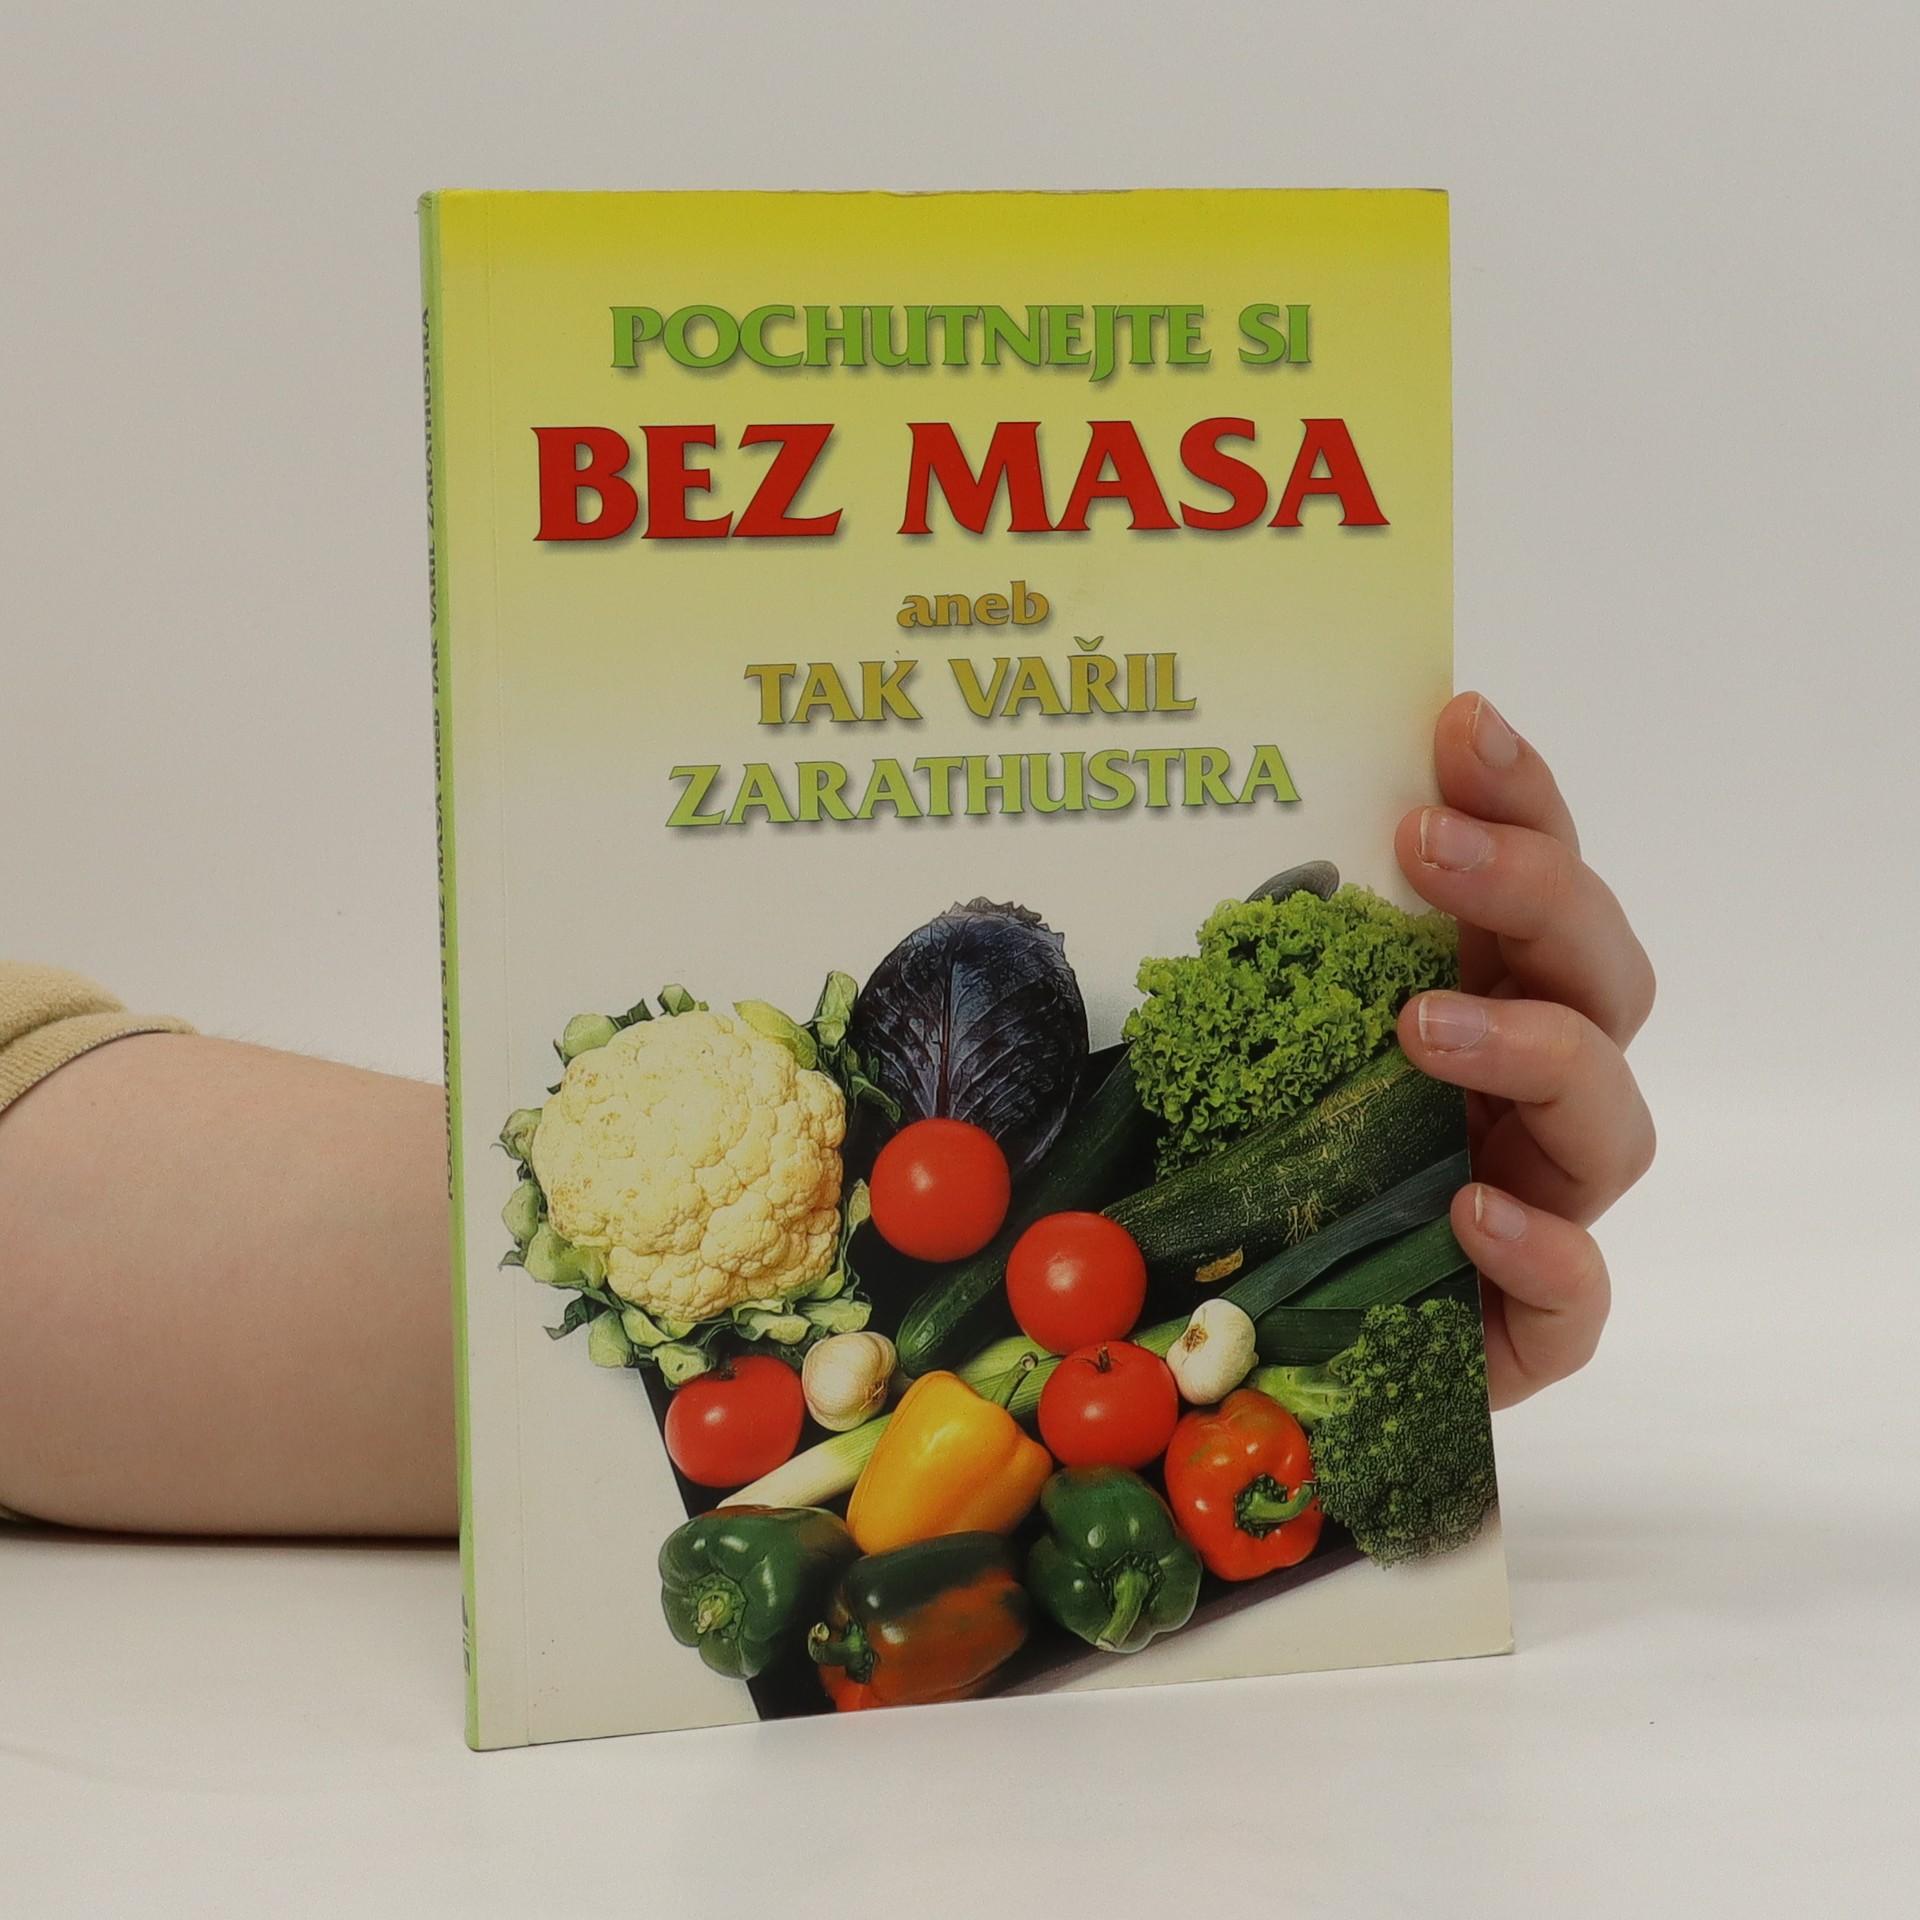 antikvární kniha Pochutnejte si bez masa aneb tak vařil Zarathustra, 2000